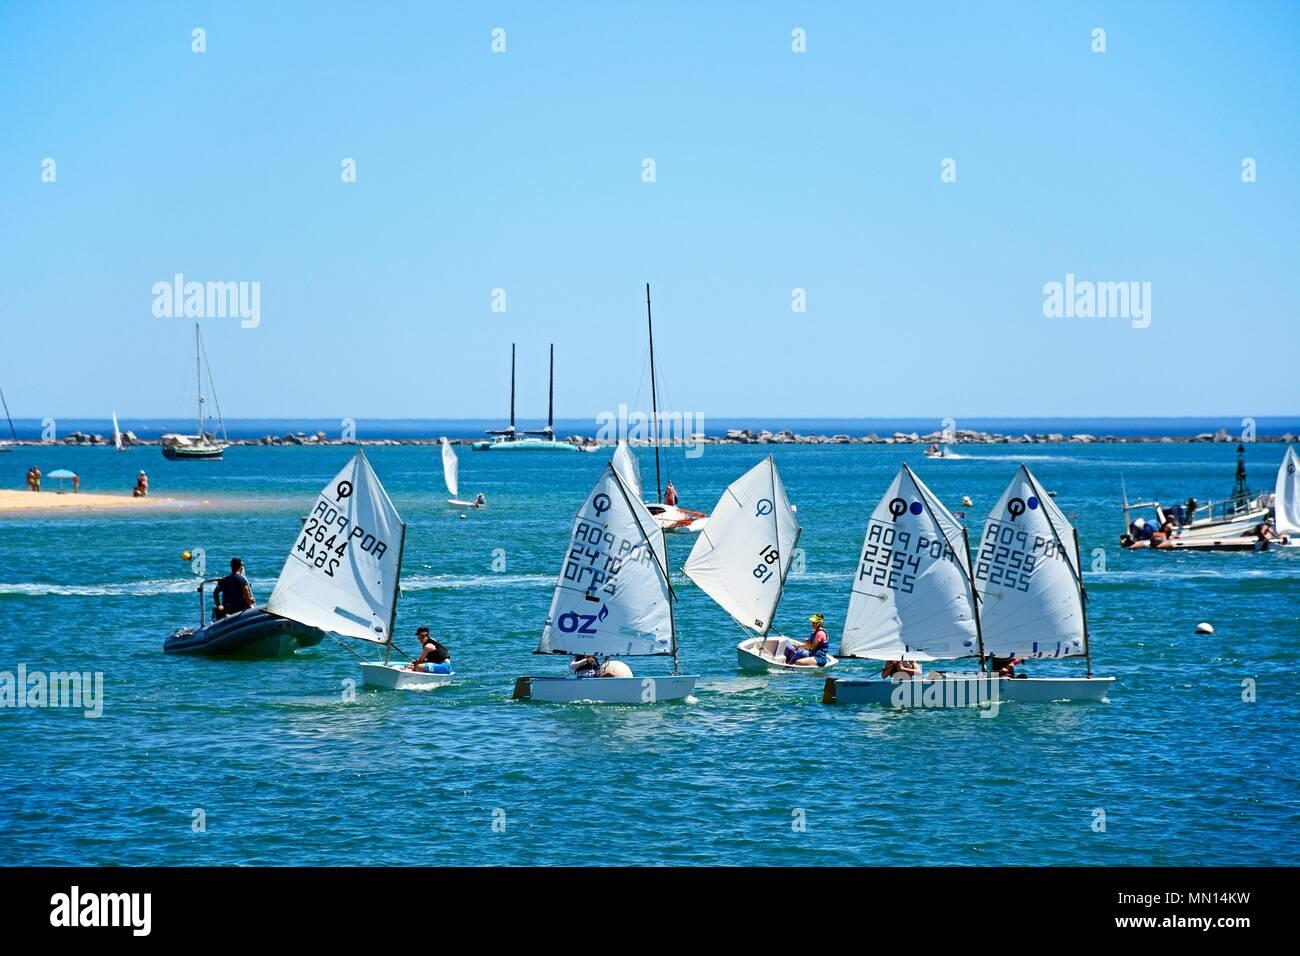 Leute segeln in Optimist Dinghy Boote auf dem Fluss Arade, Ferragudo, Algarve, Portugal, Europa. Stockbild